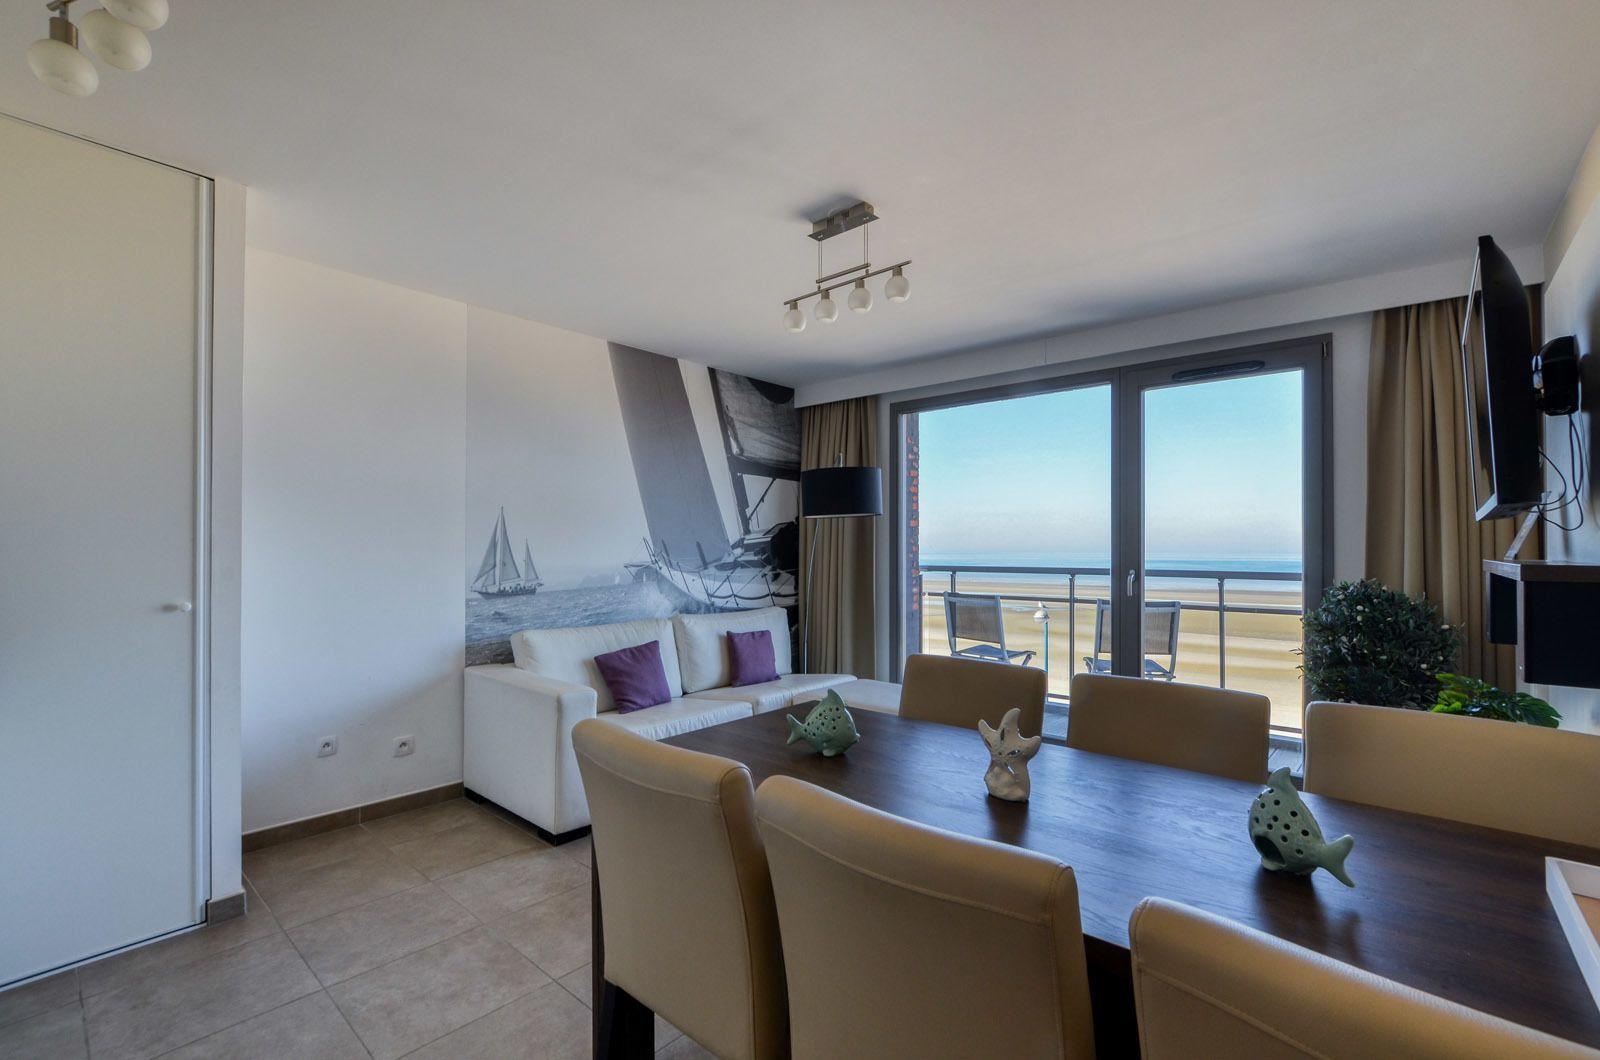 Holiday Suite pour 4 personnes avec vue directe sur mer